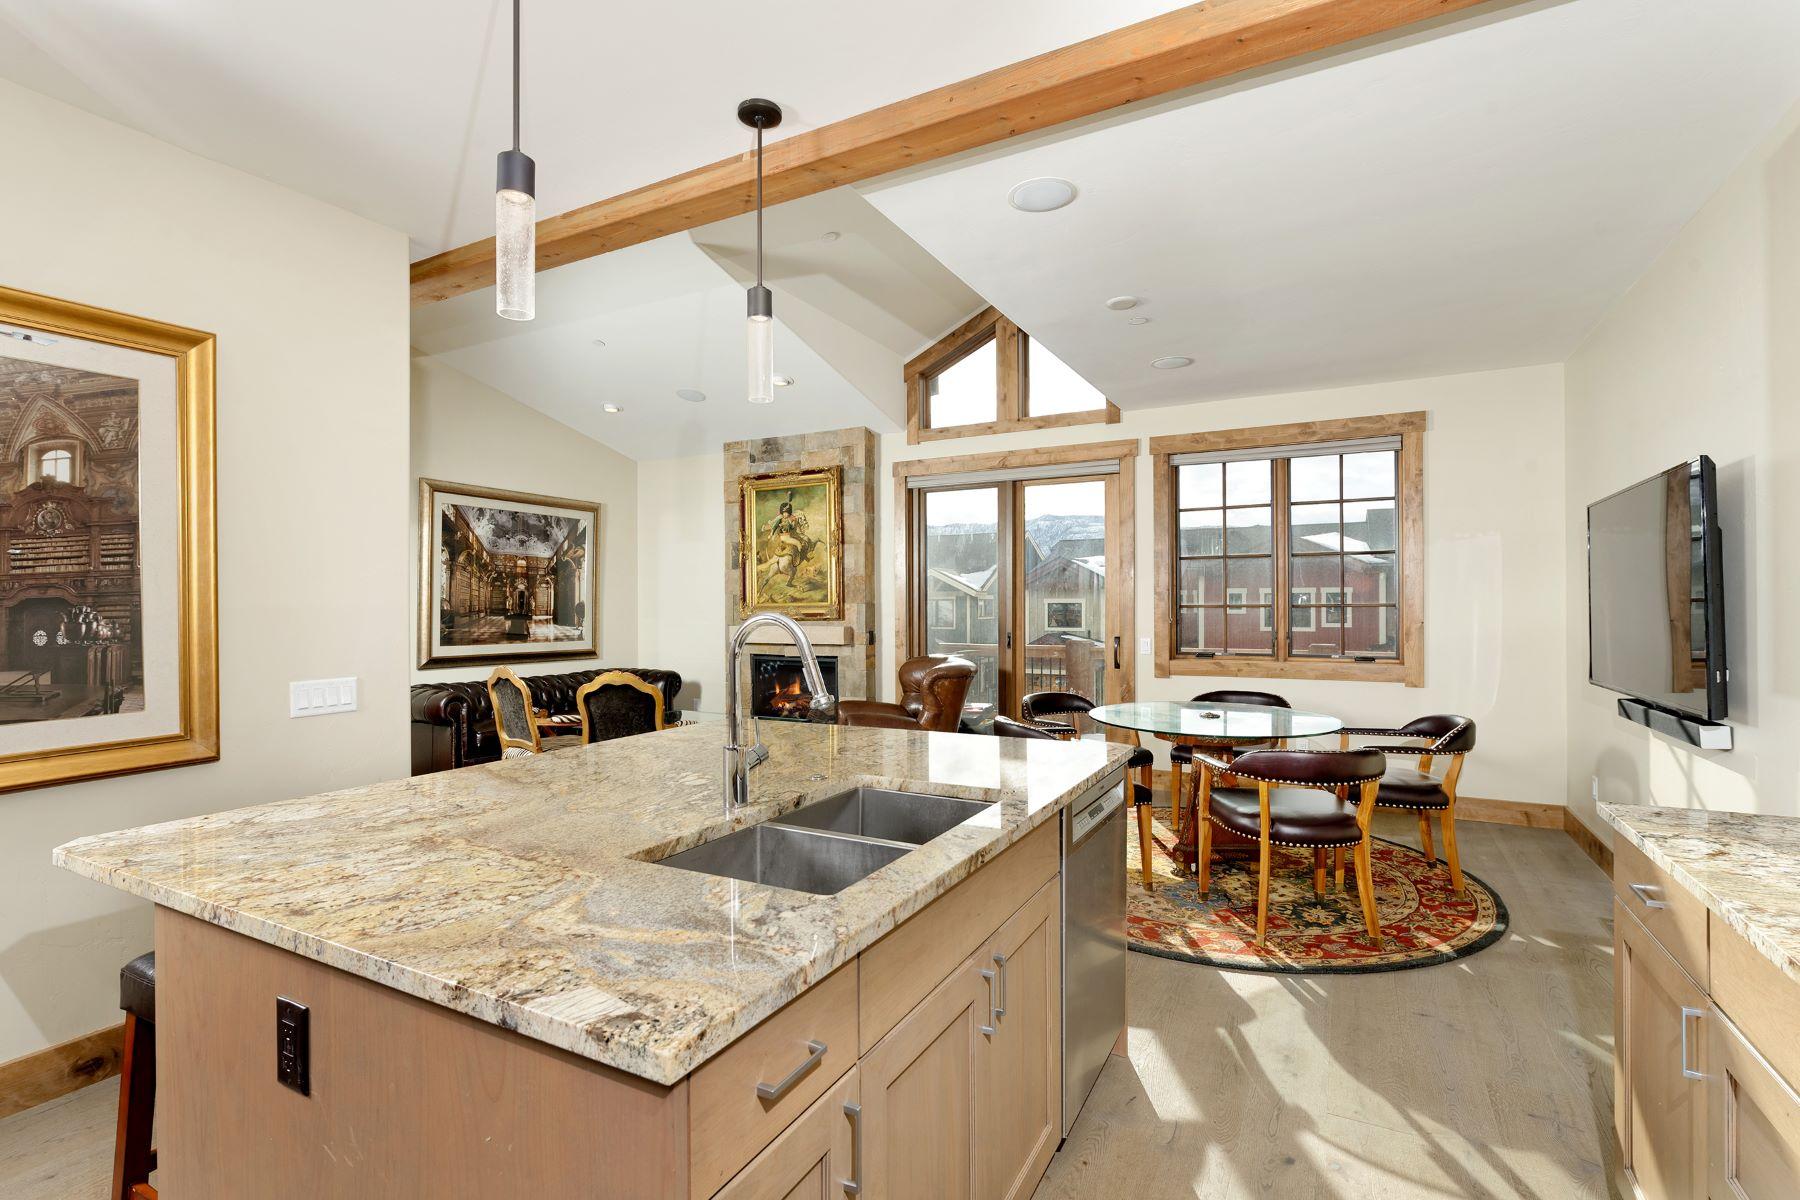 联栋屋 为 销售 在 Shadowrock 222 Overlook Ridge, 卡本代尔, 科罗拉多州, 81623 美国